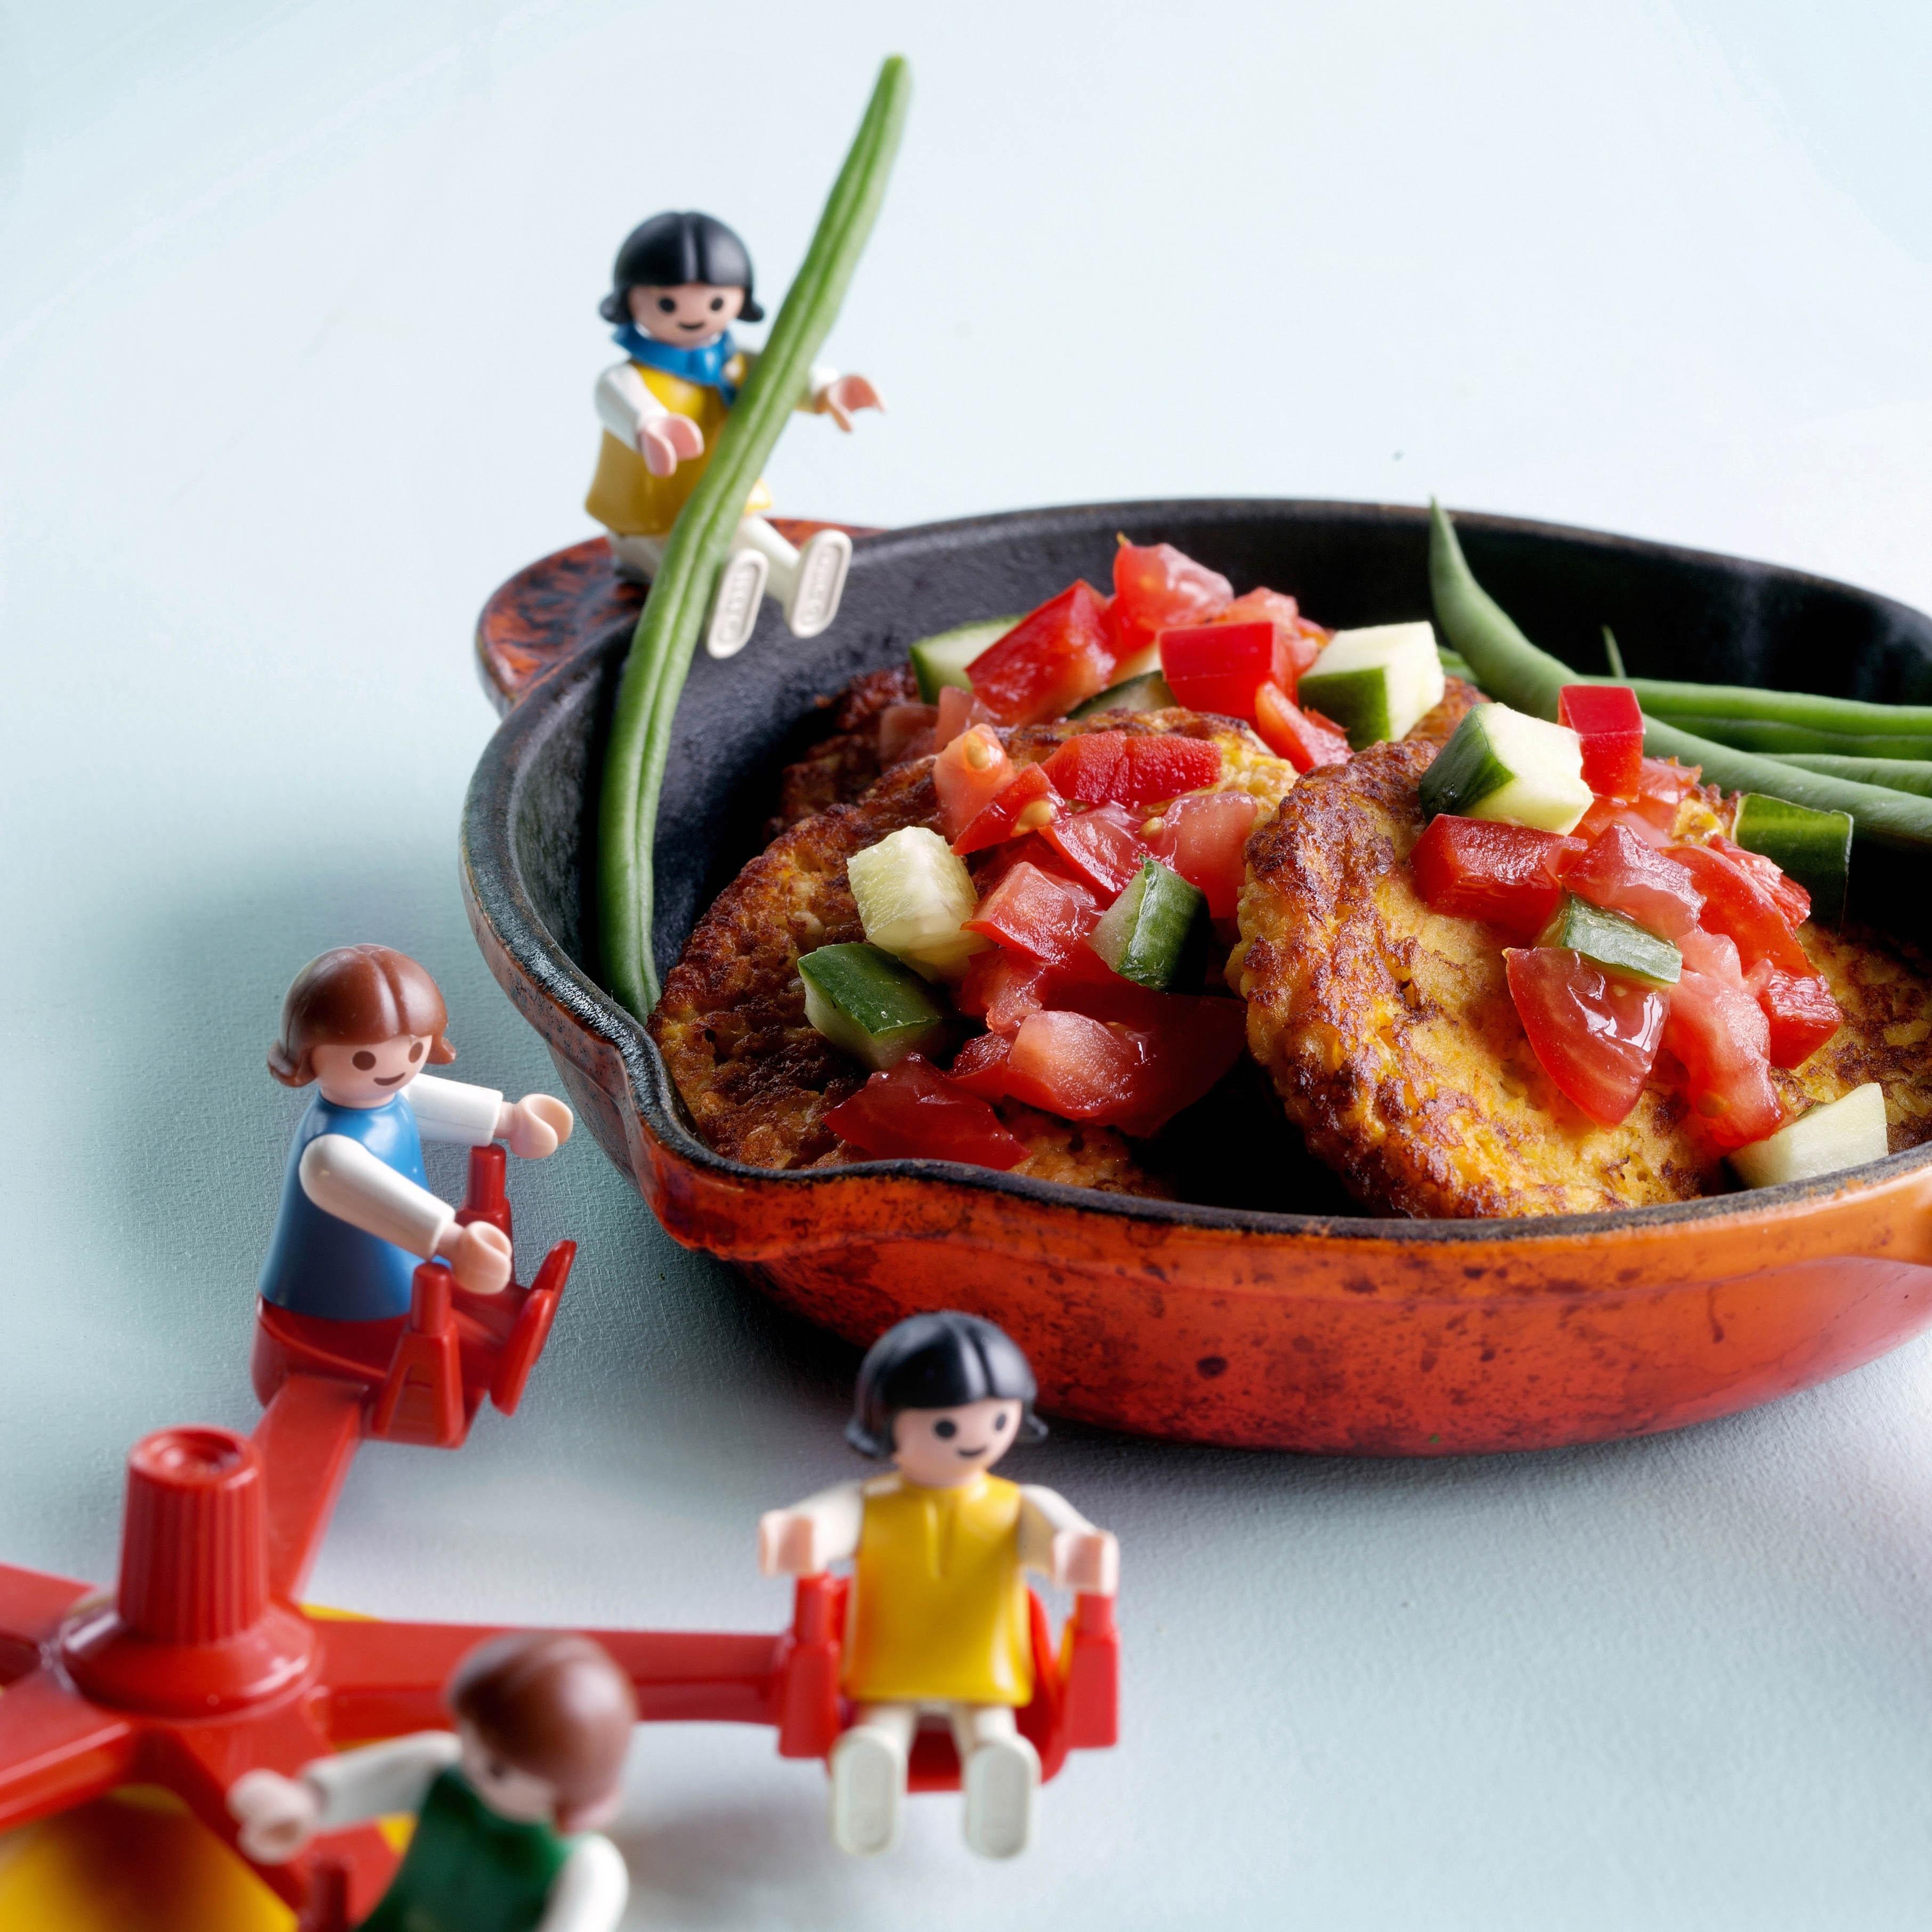 Helppo kasvisruoka lapselle